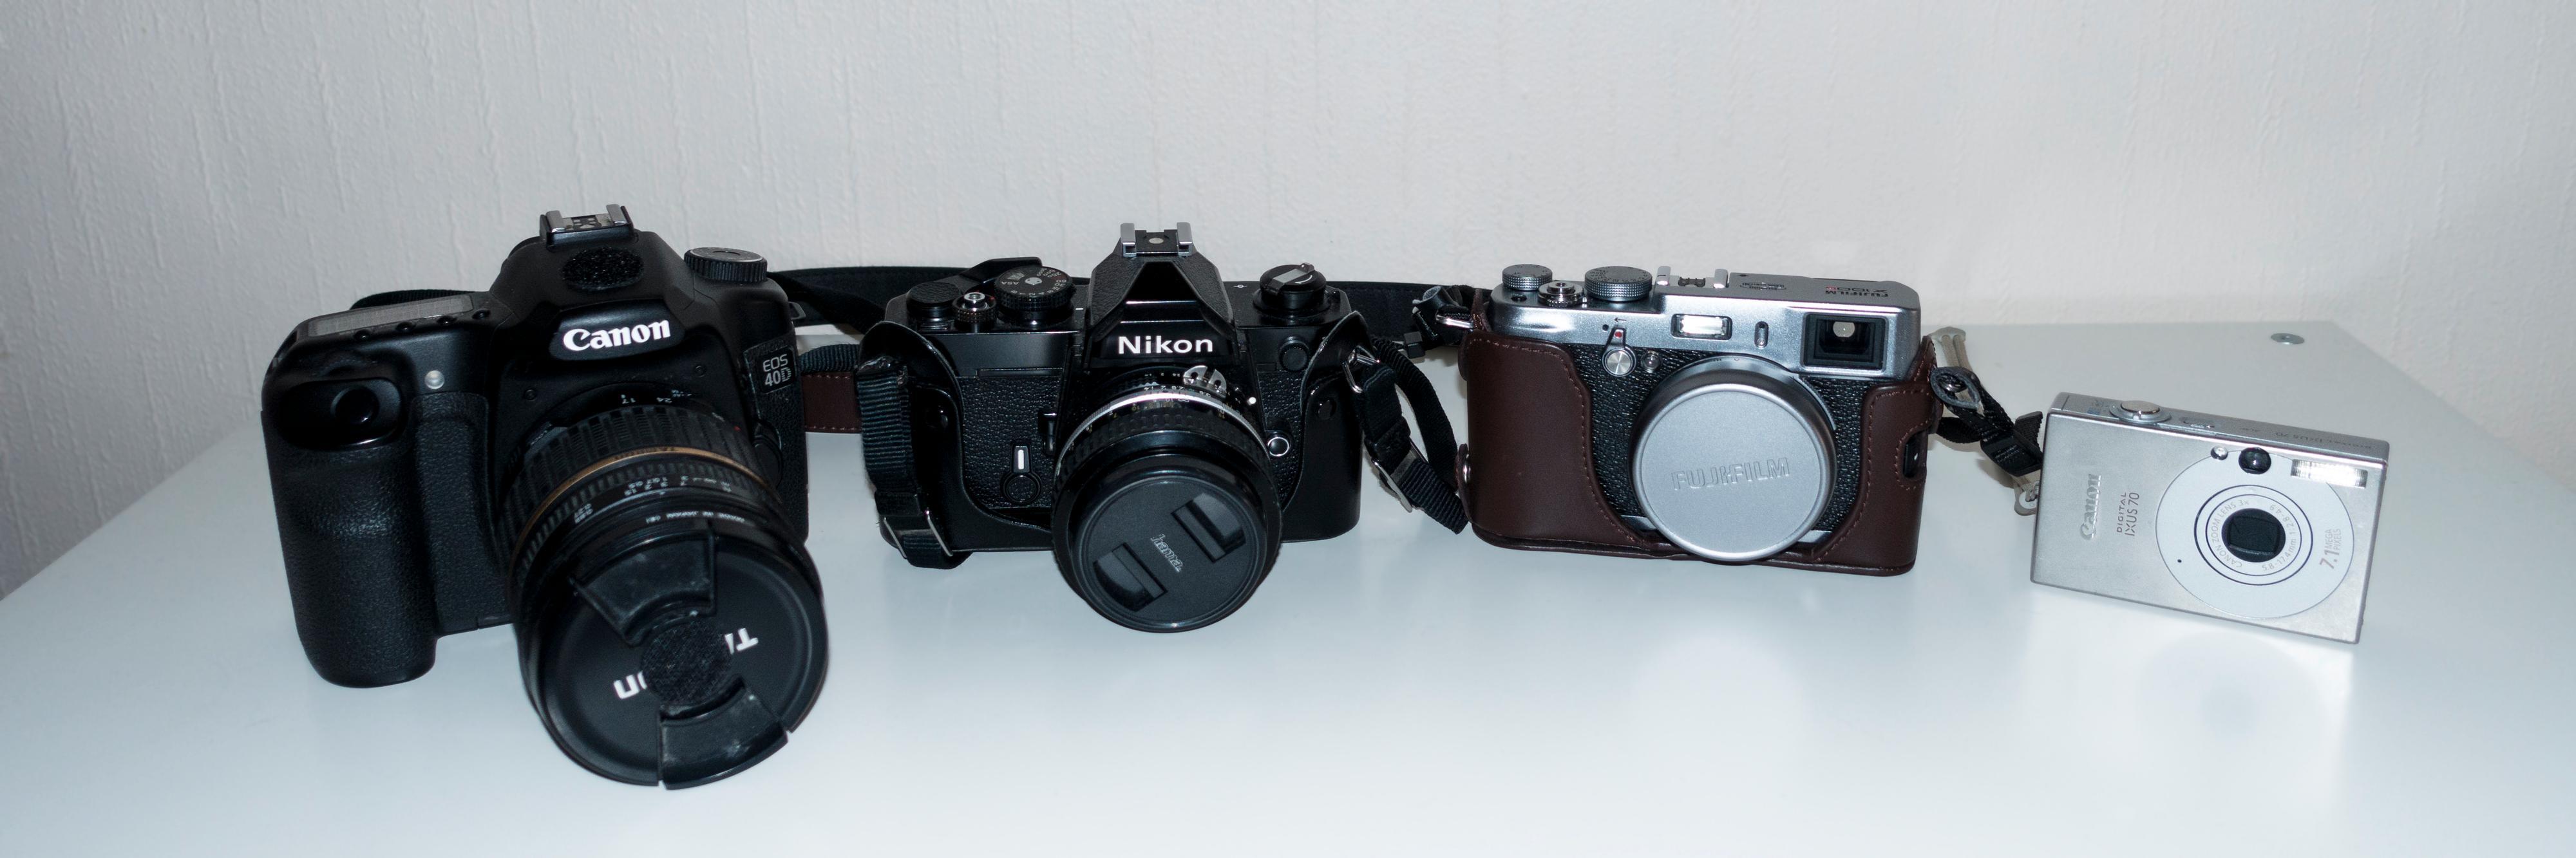 De ulike kameraene har ulike fordeler, og ulemper. (Foto: Kristoffer Møllevik)